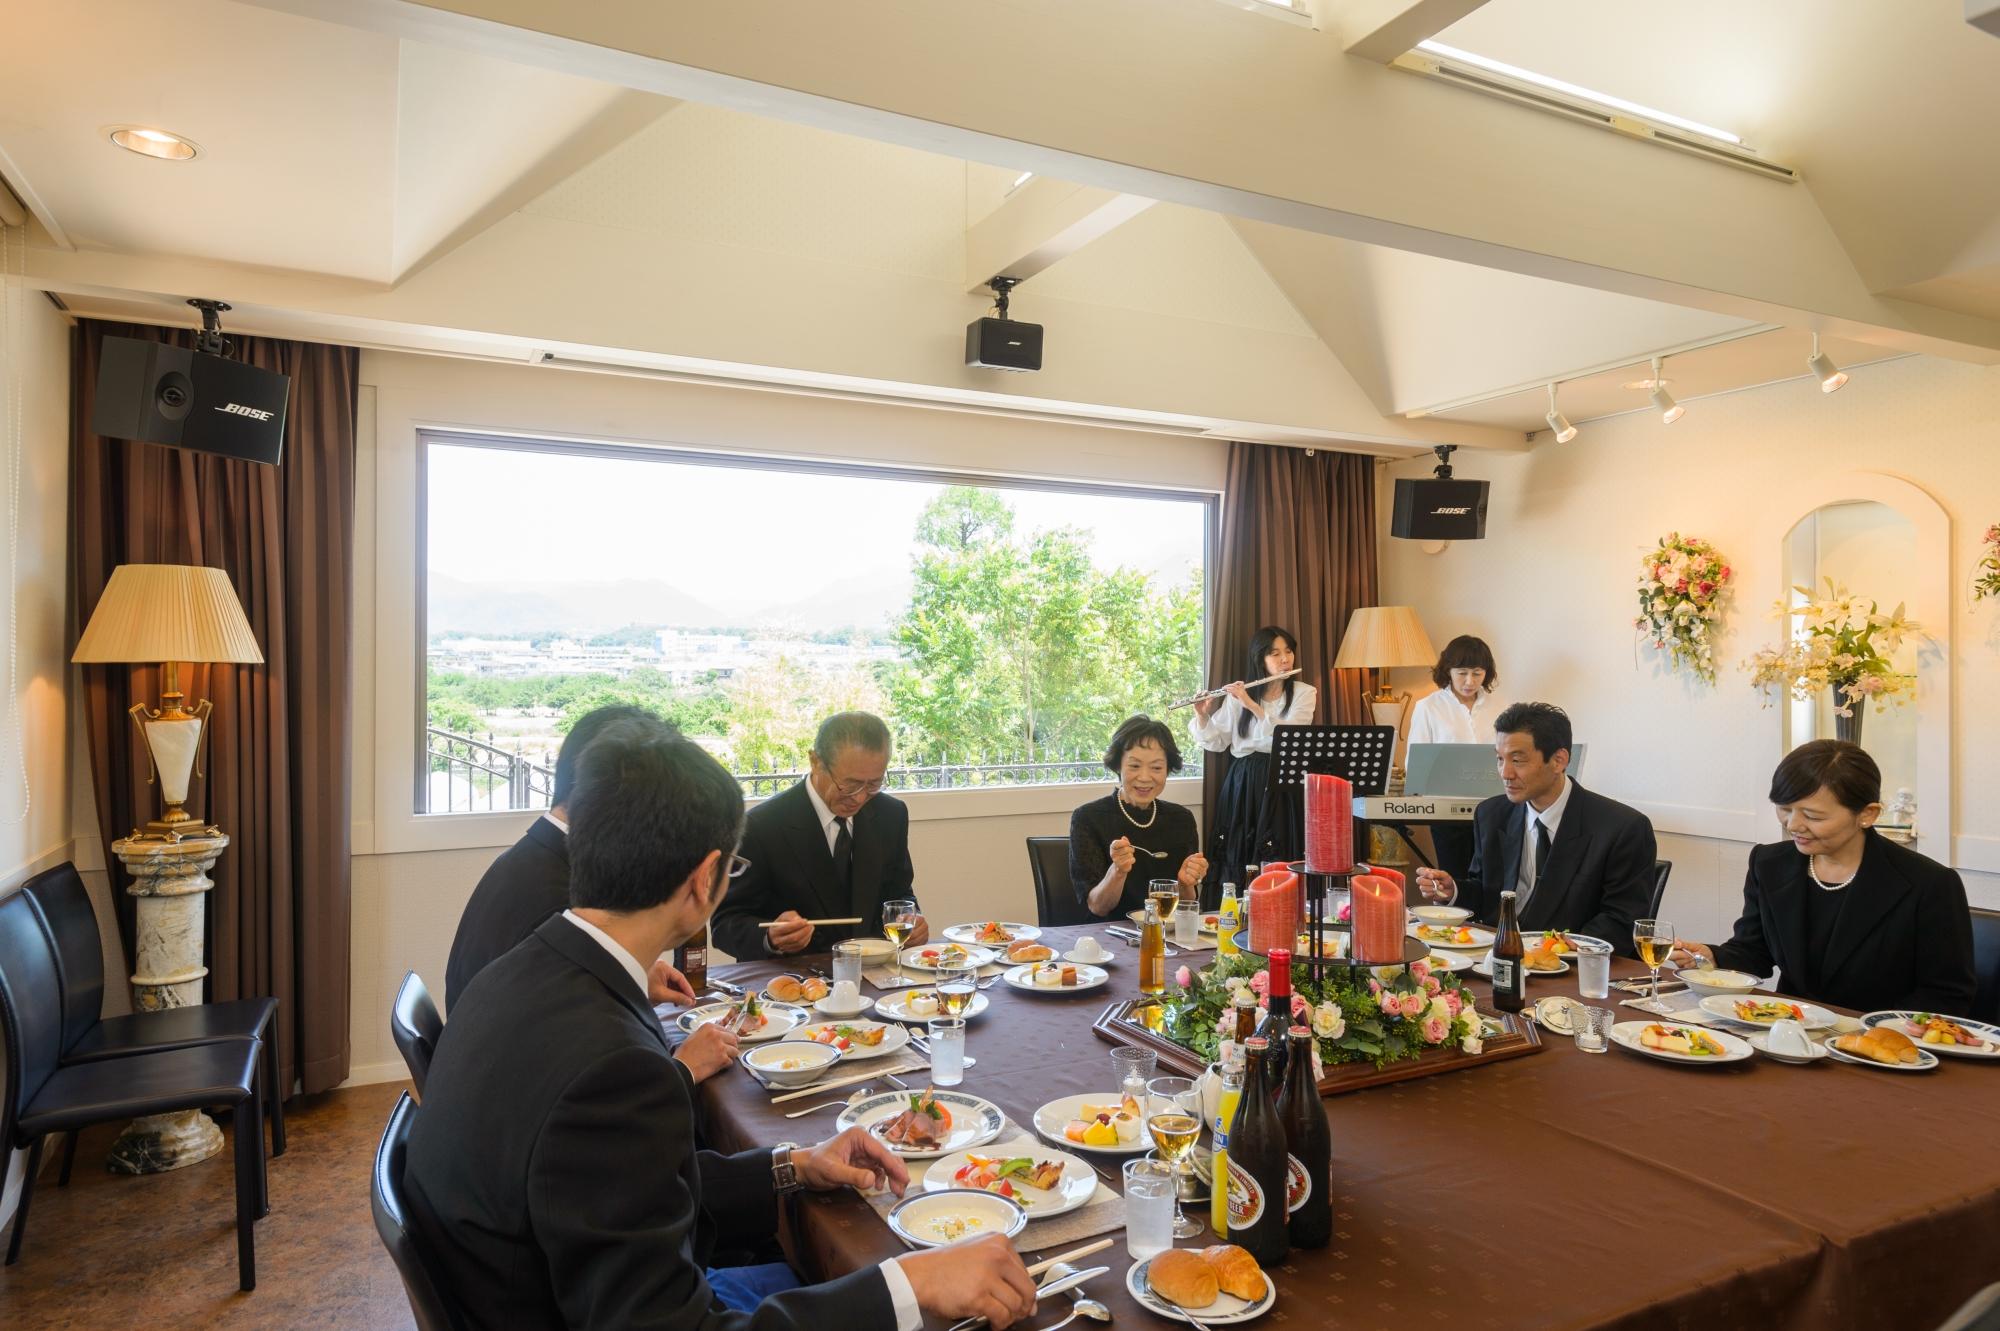 上田市の法要・会食の様子